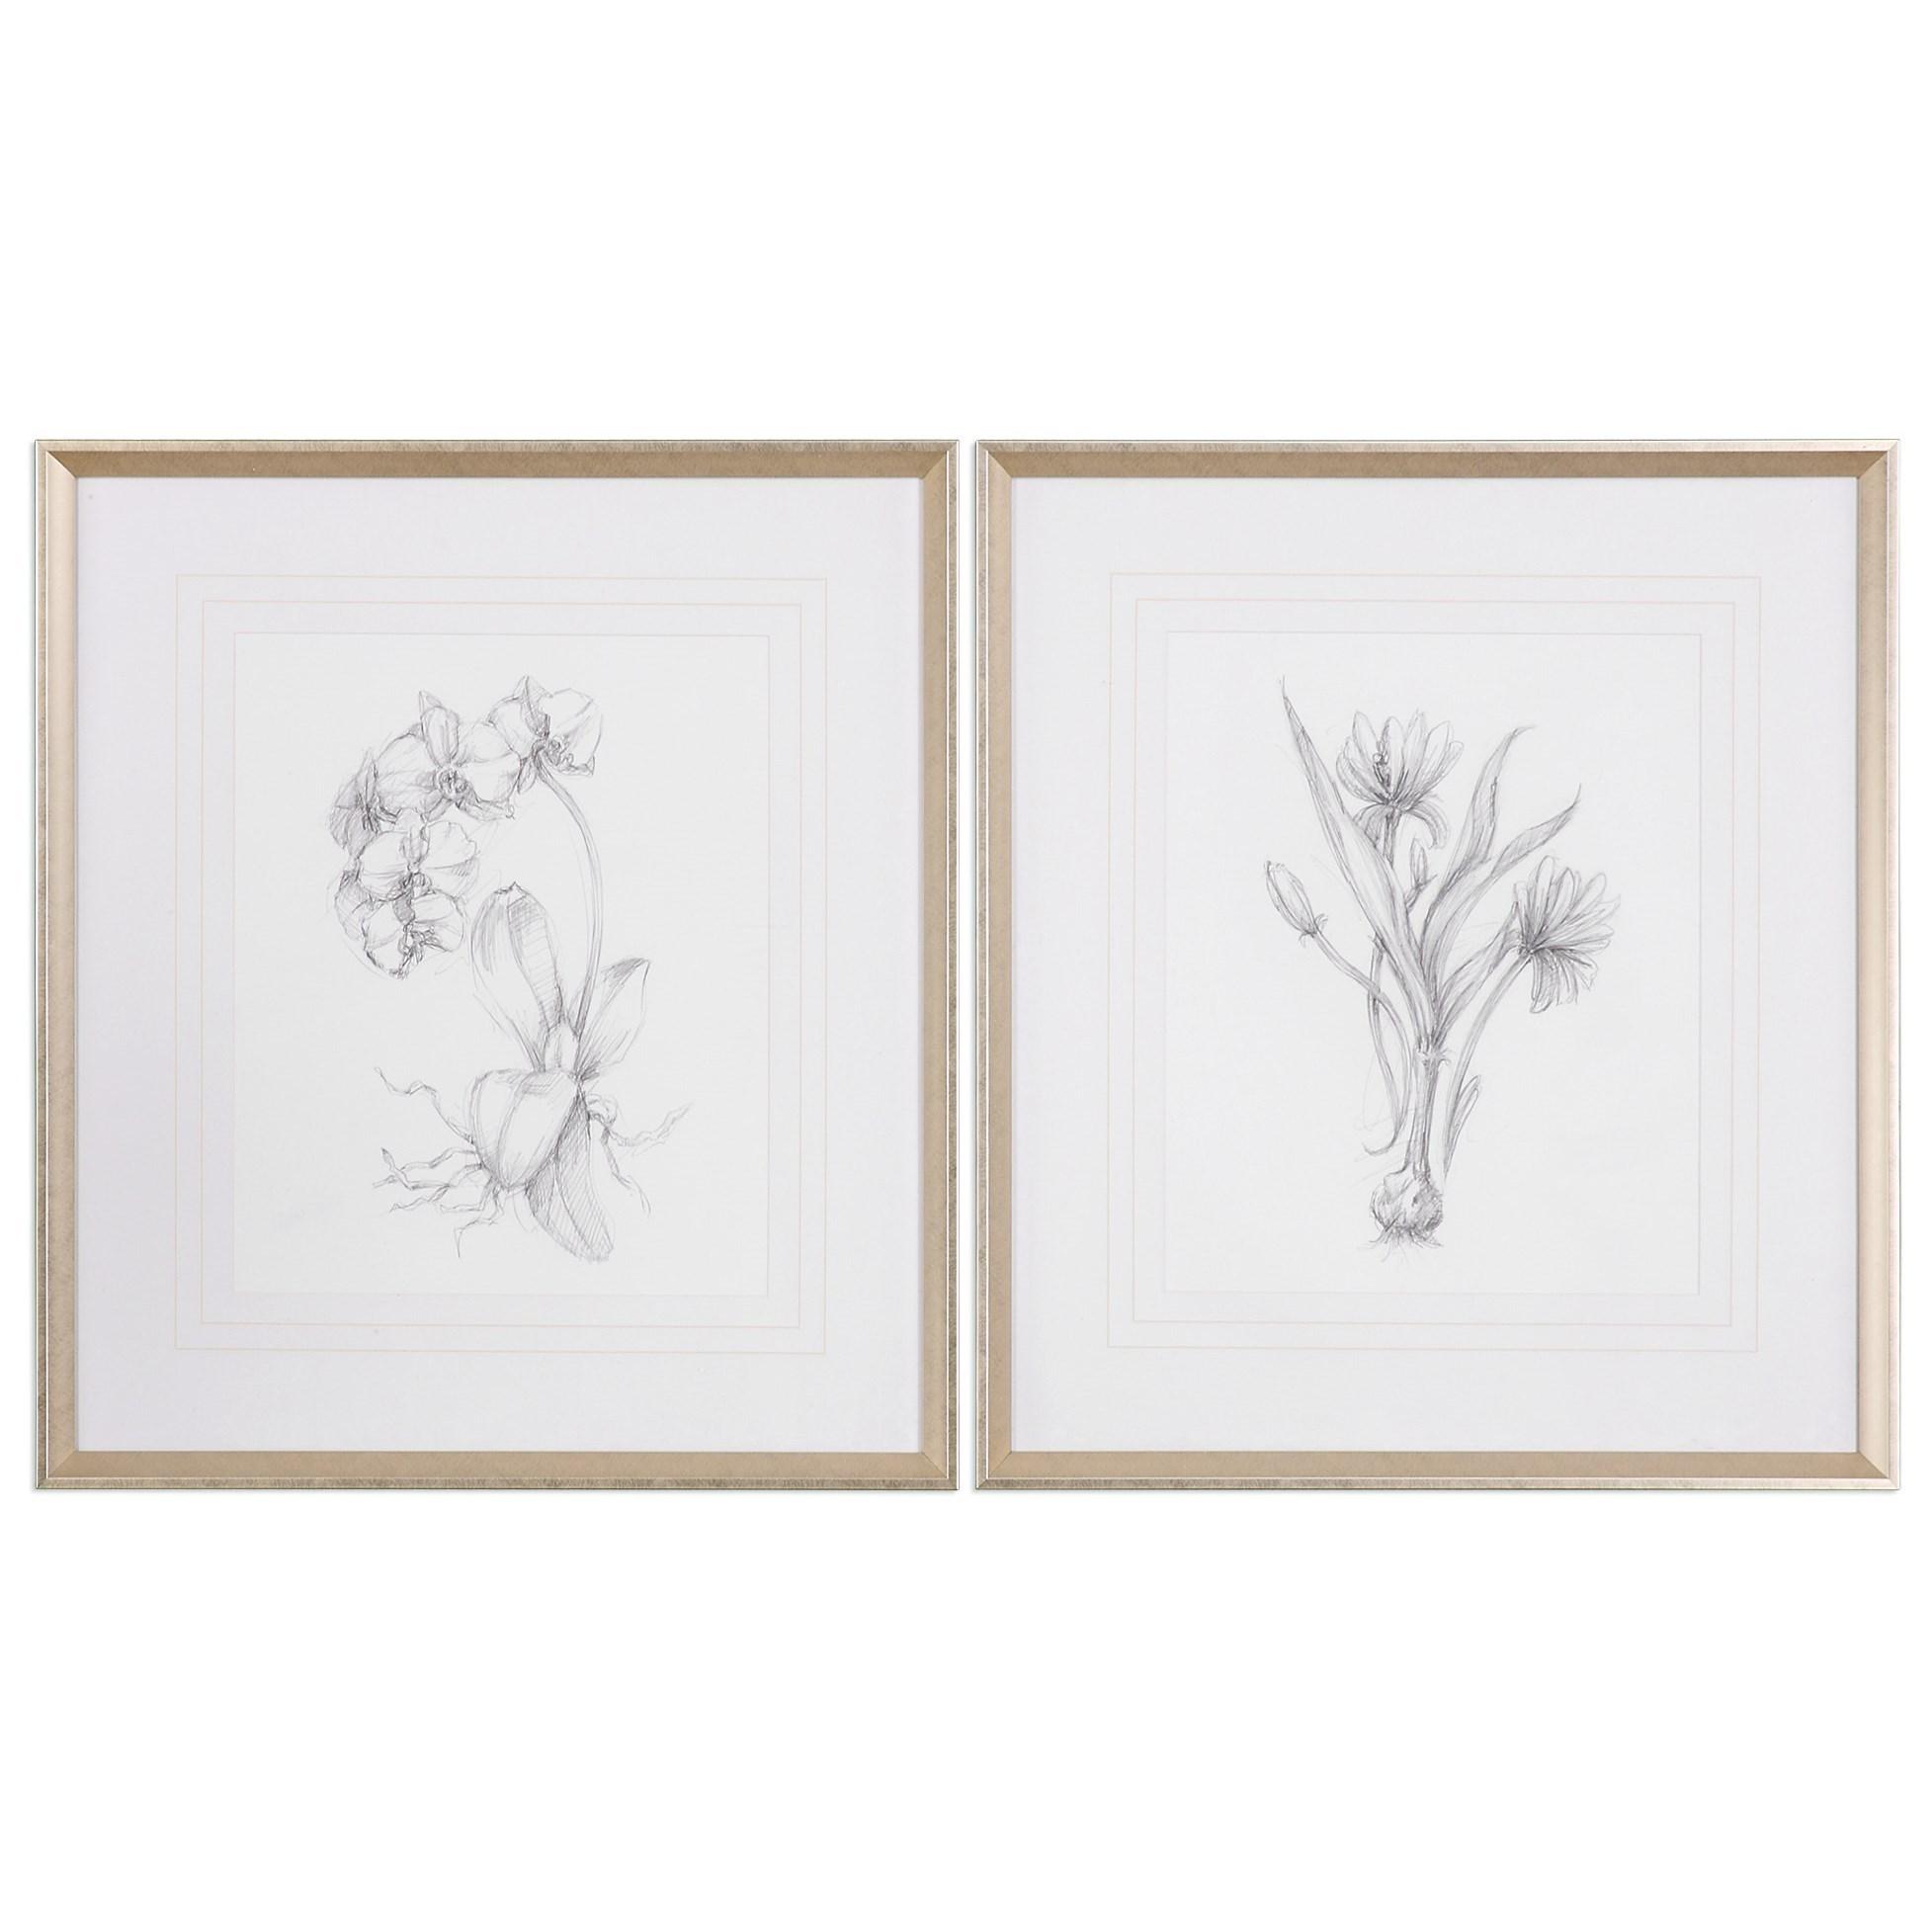 Framed Prints Botanical Sketches (Set of 2) by Uttermost at Mueller Furniture